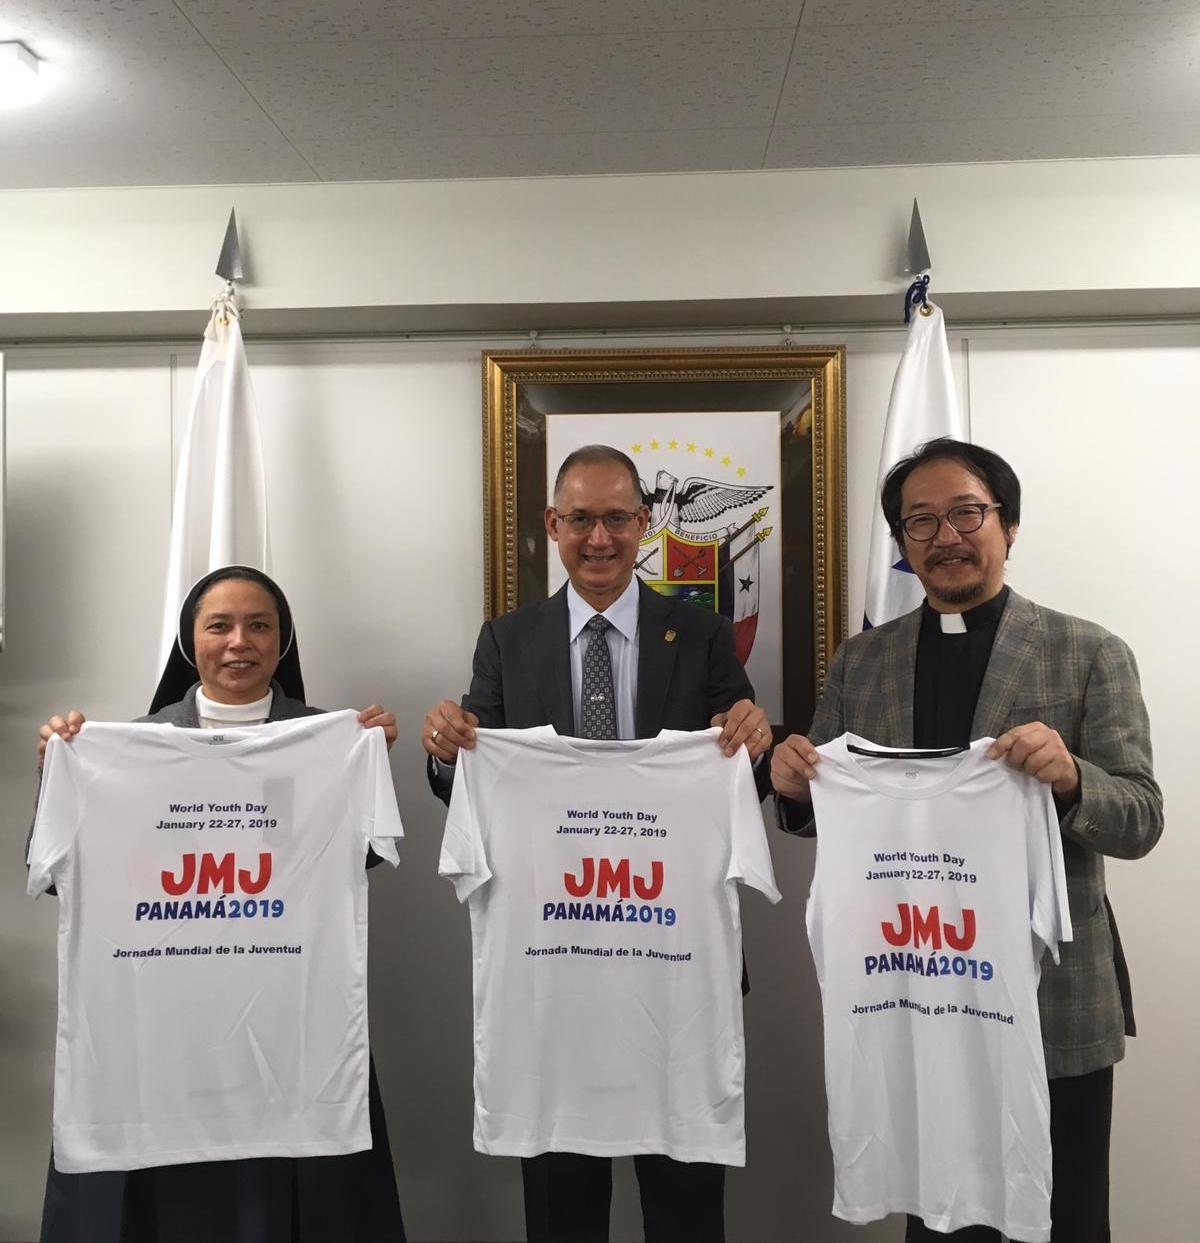 (右から)松村神父、ディアス大使、フアレスシスター、ディアス大使より贈呈されたWYDのTシャツとともに